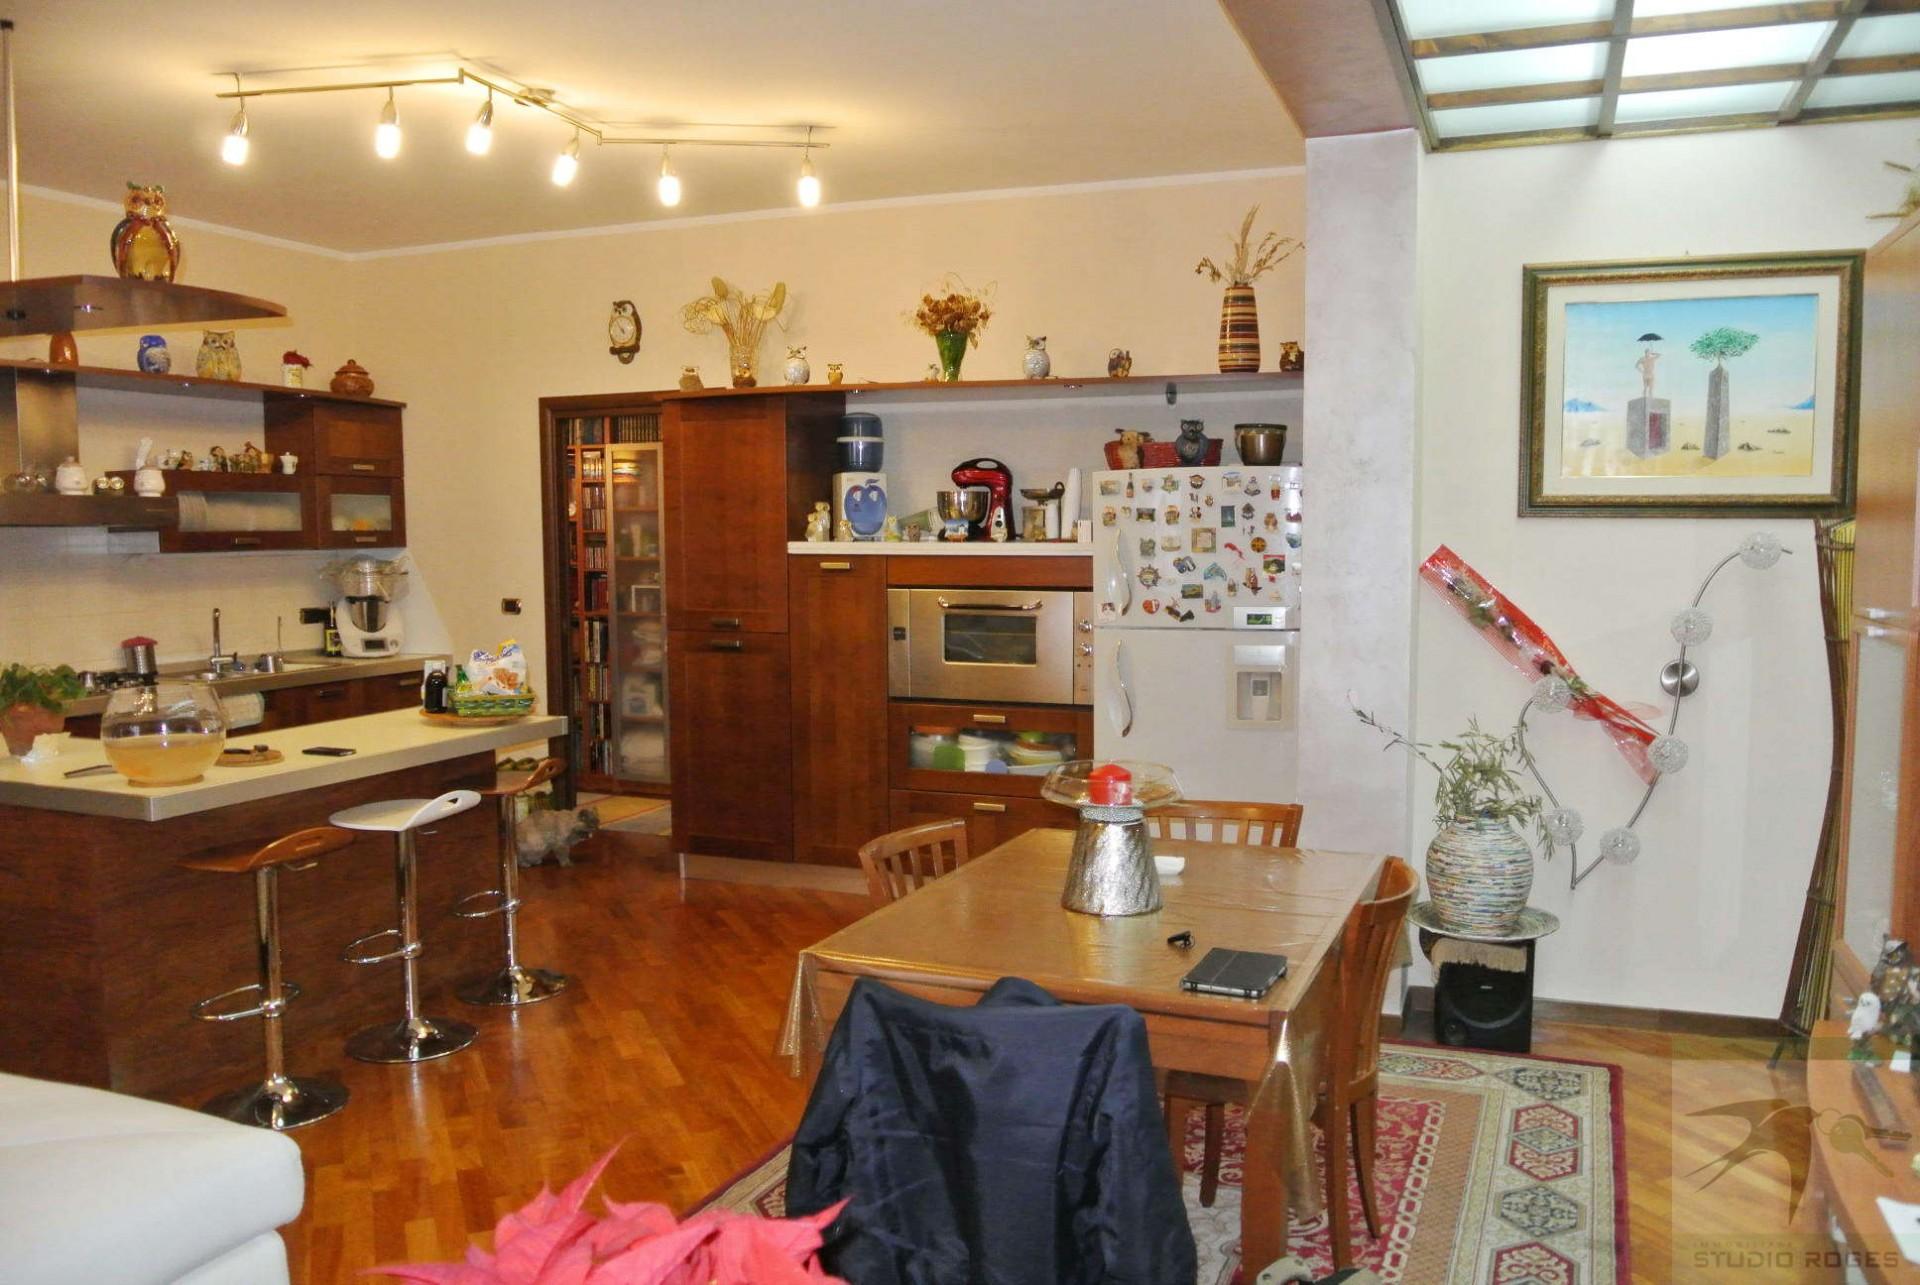 Appartamento in Vendita 198,17 mq - N. camere: 5 - - Castrolibero - Andreotta-Garofalo (CS)